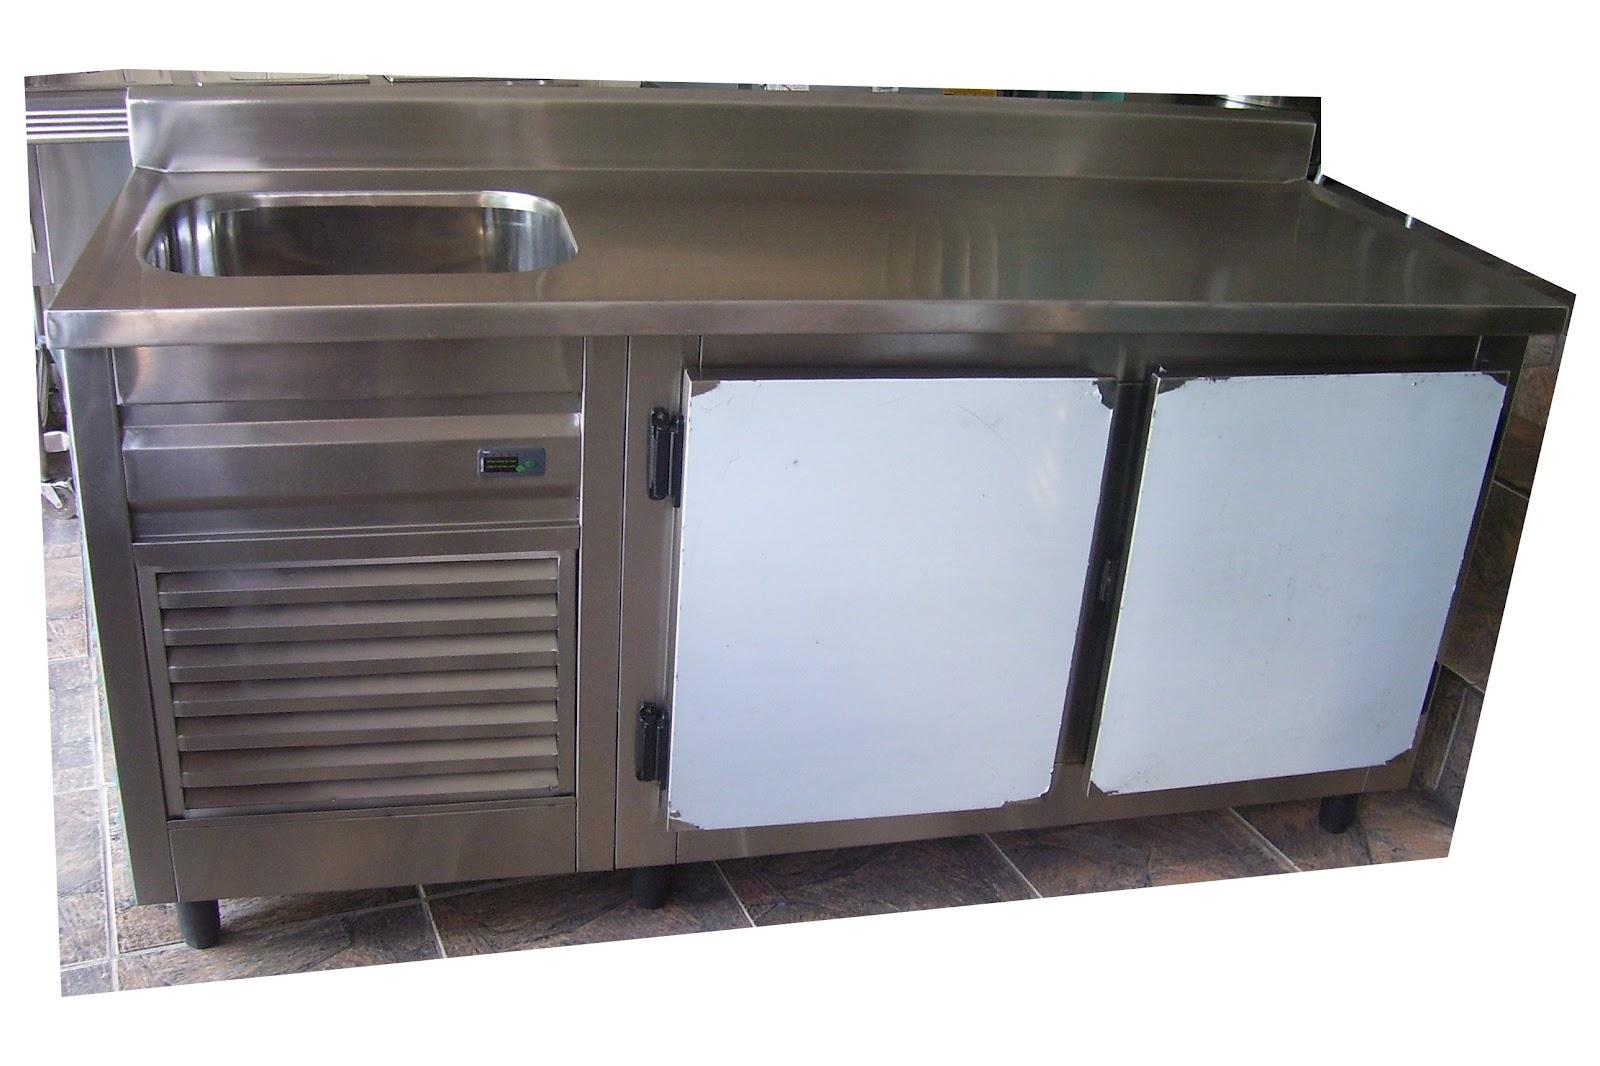 Projeta Inox Cozinhas Equipamentos Para Cozinha Industrial